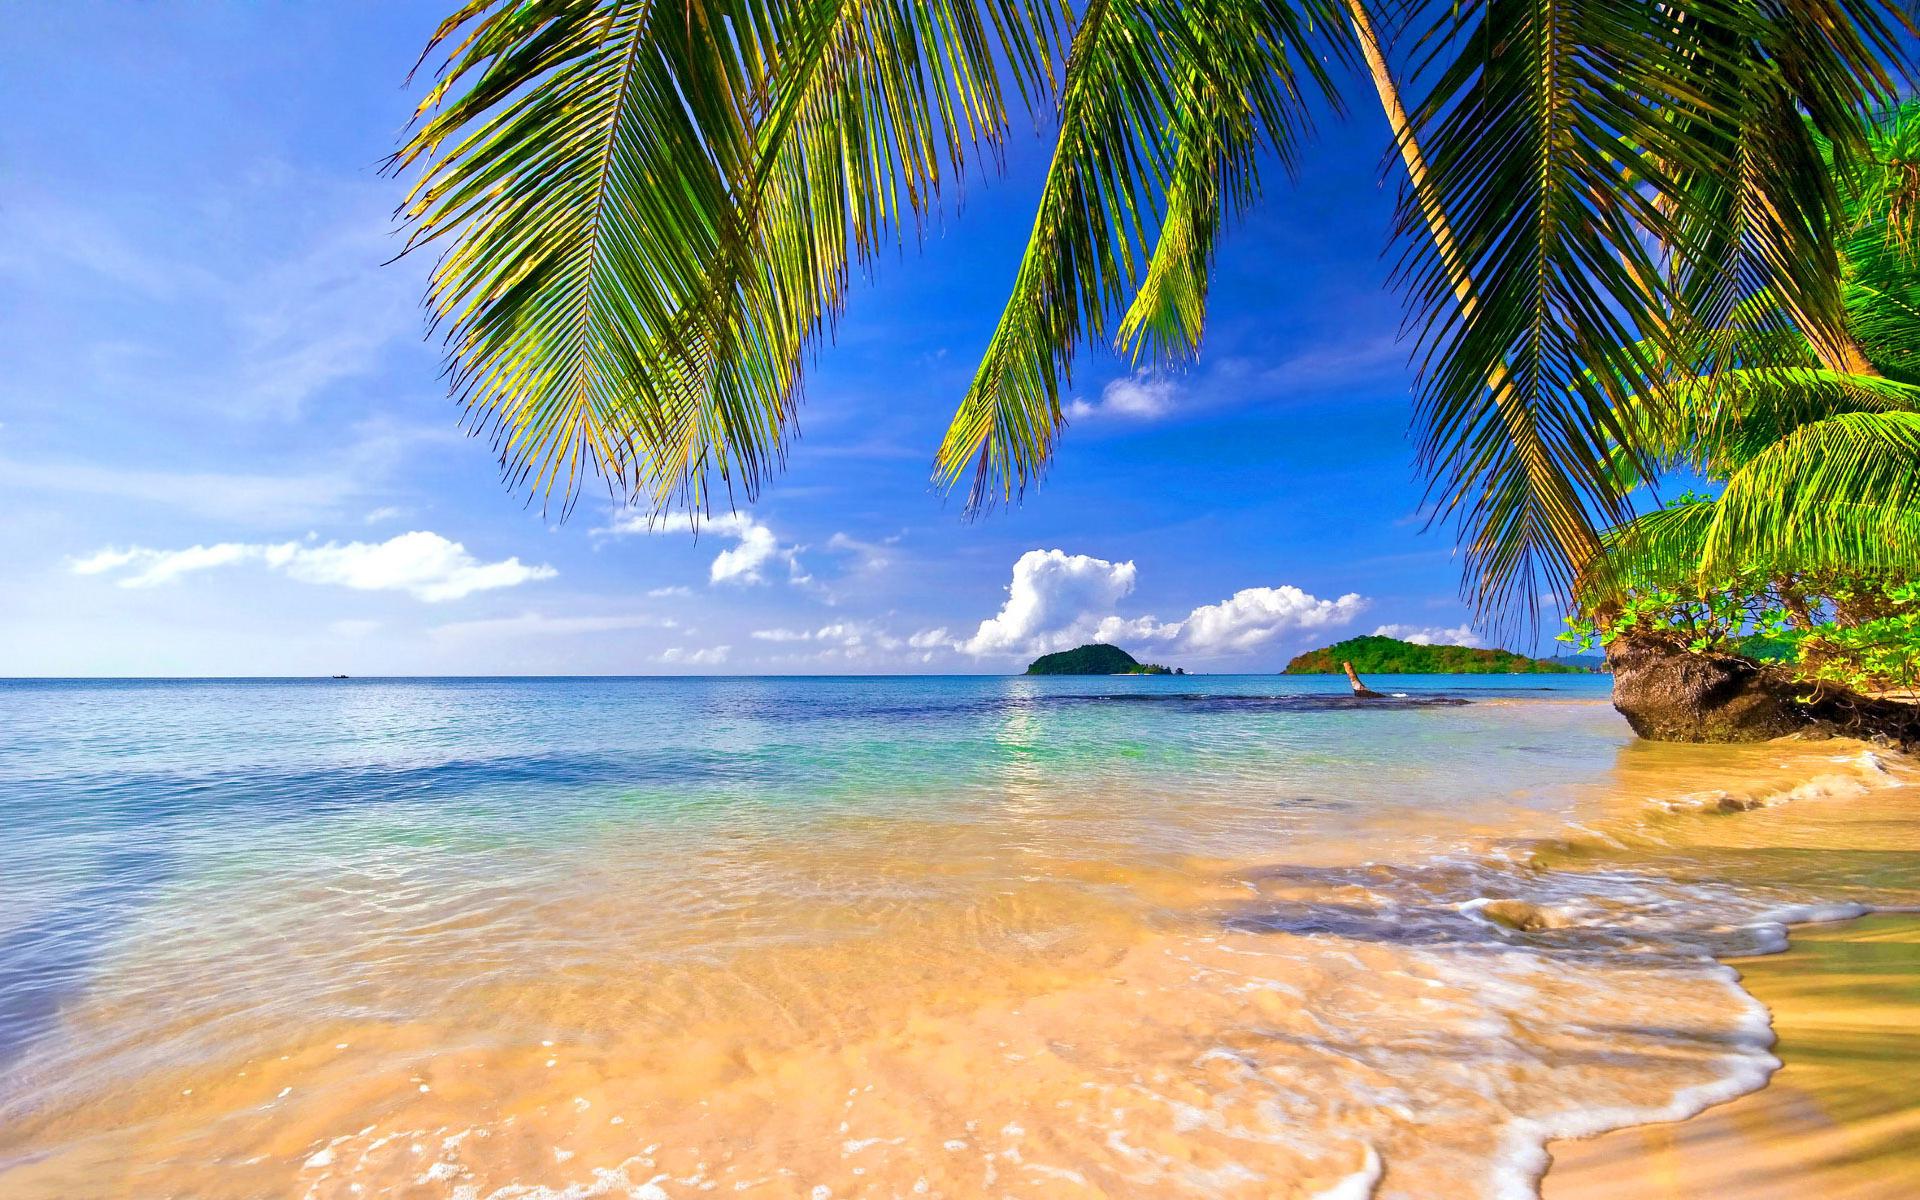 Море пляж открытка, лесовичок картинки для